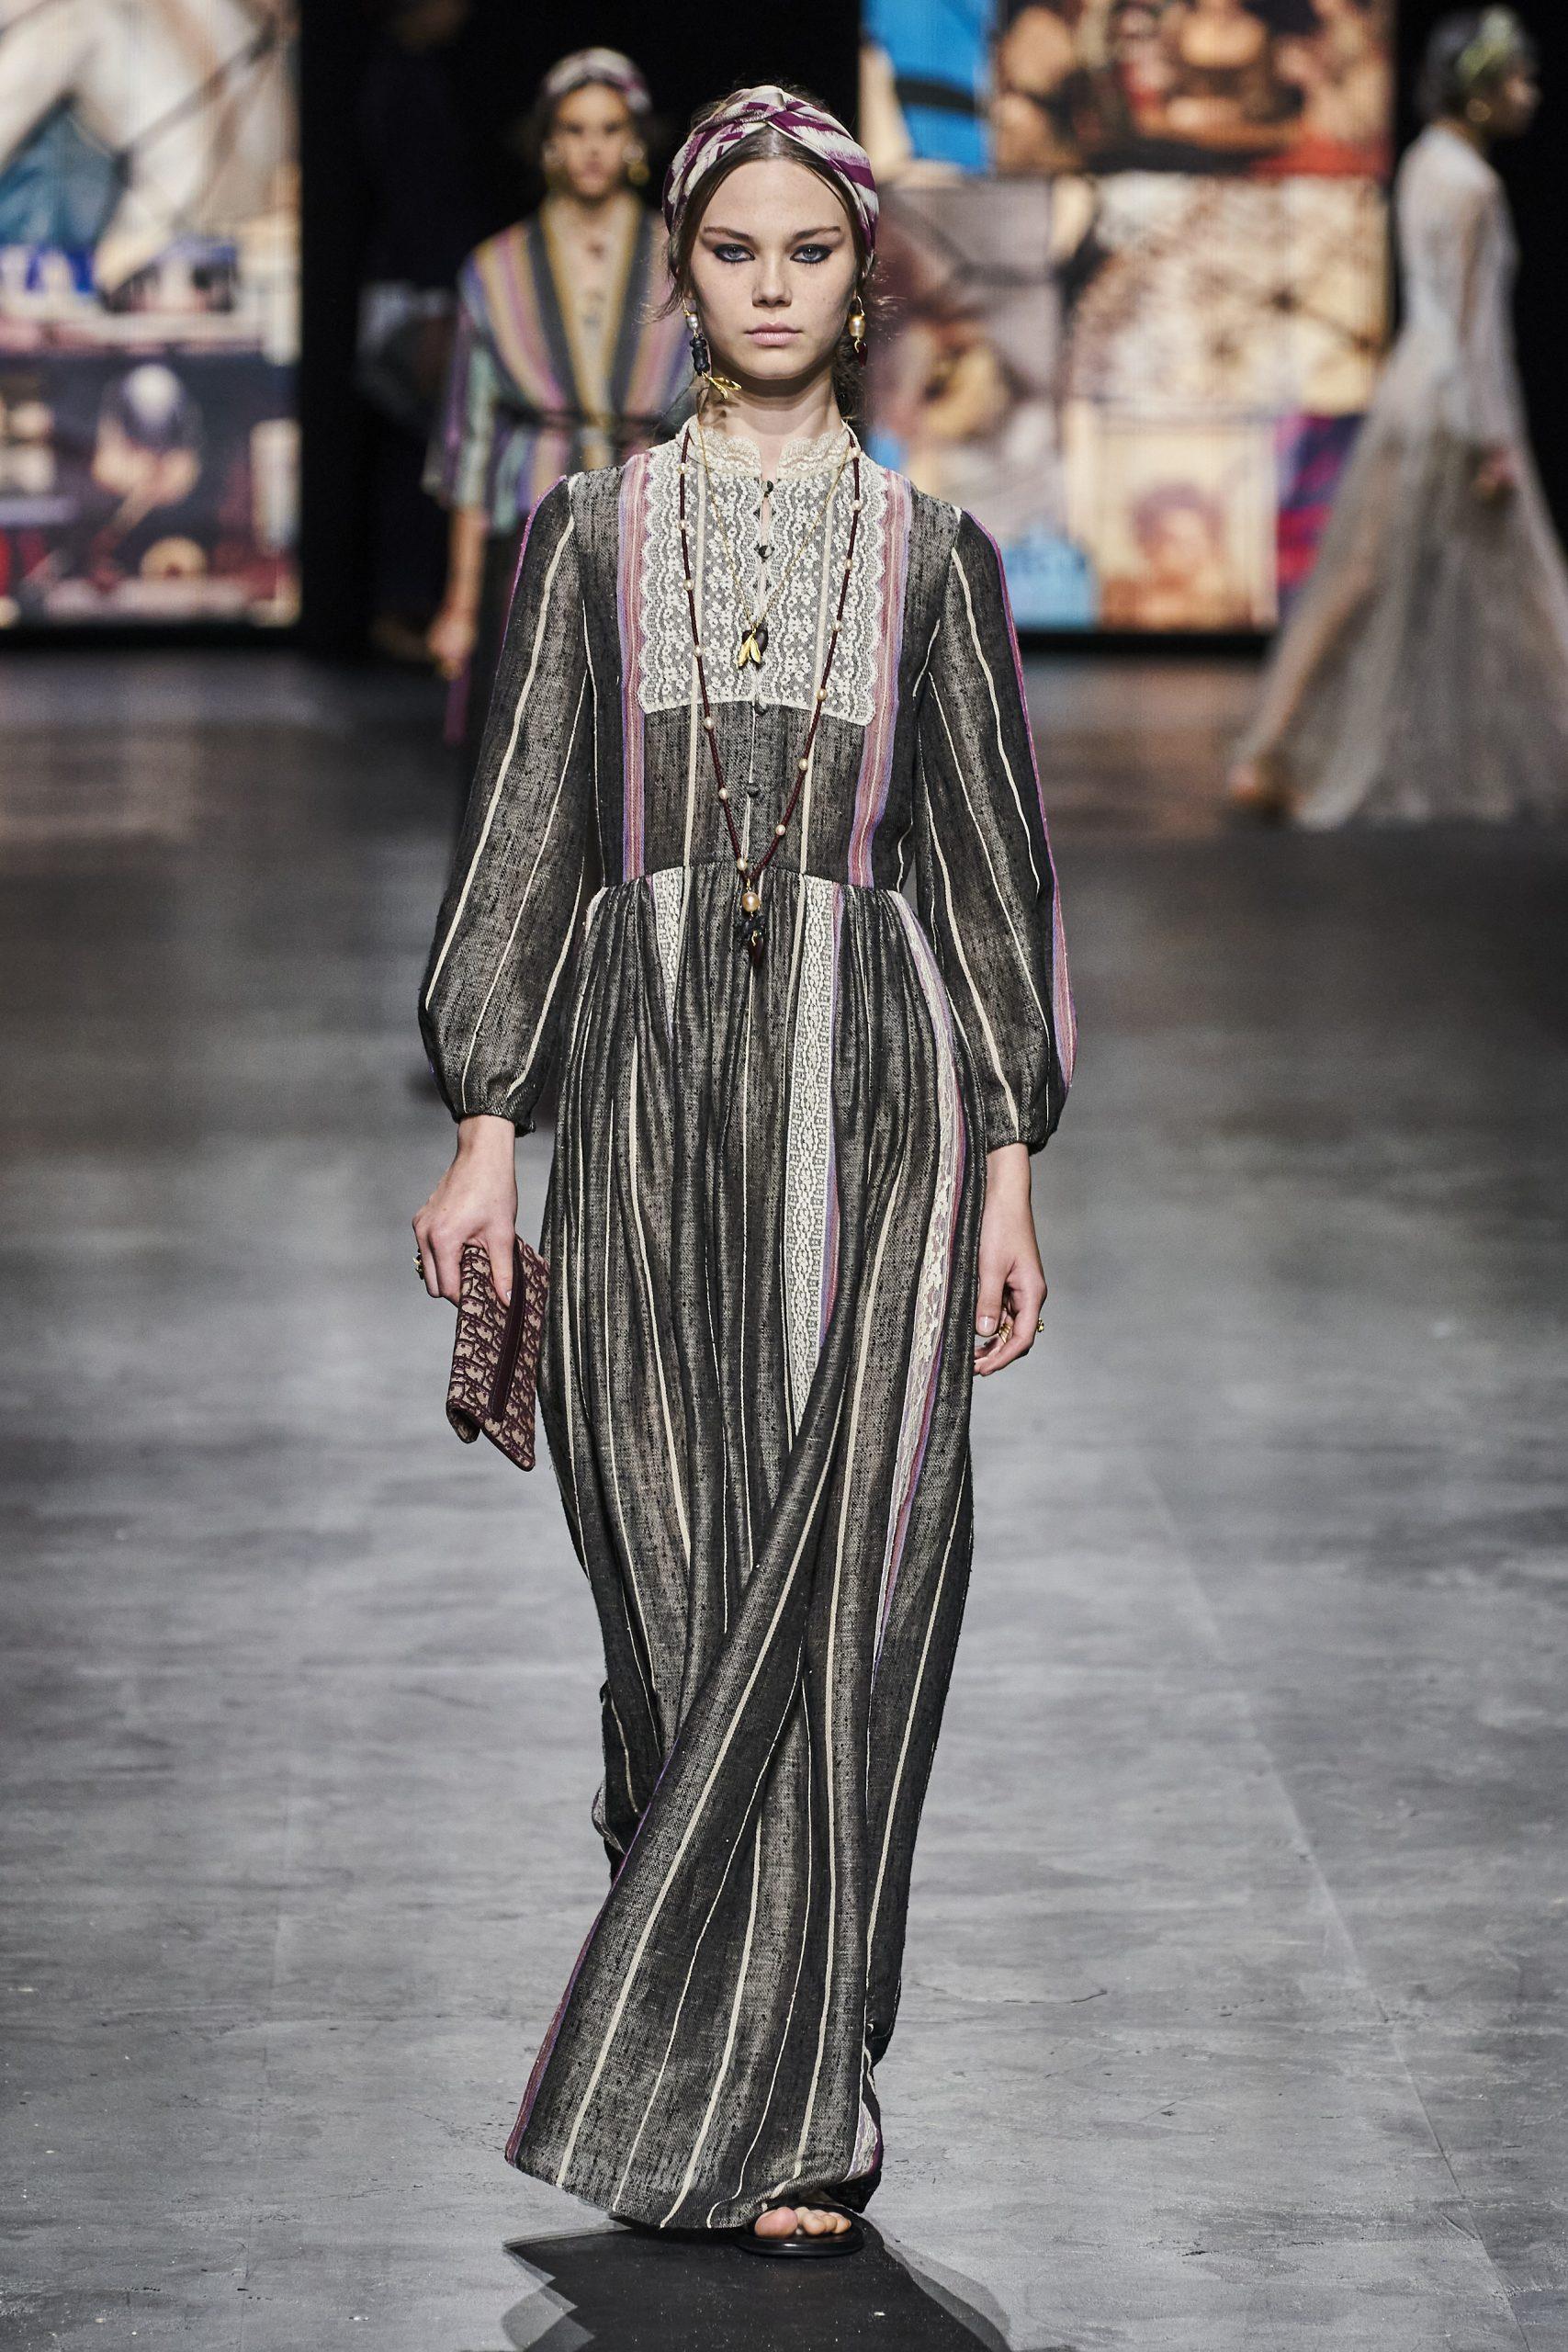 9. kép: Párizsi divathét - Christian Dior - 2021 tavasz-nyár - ready to wear